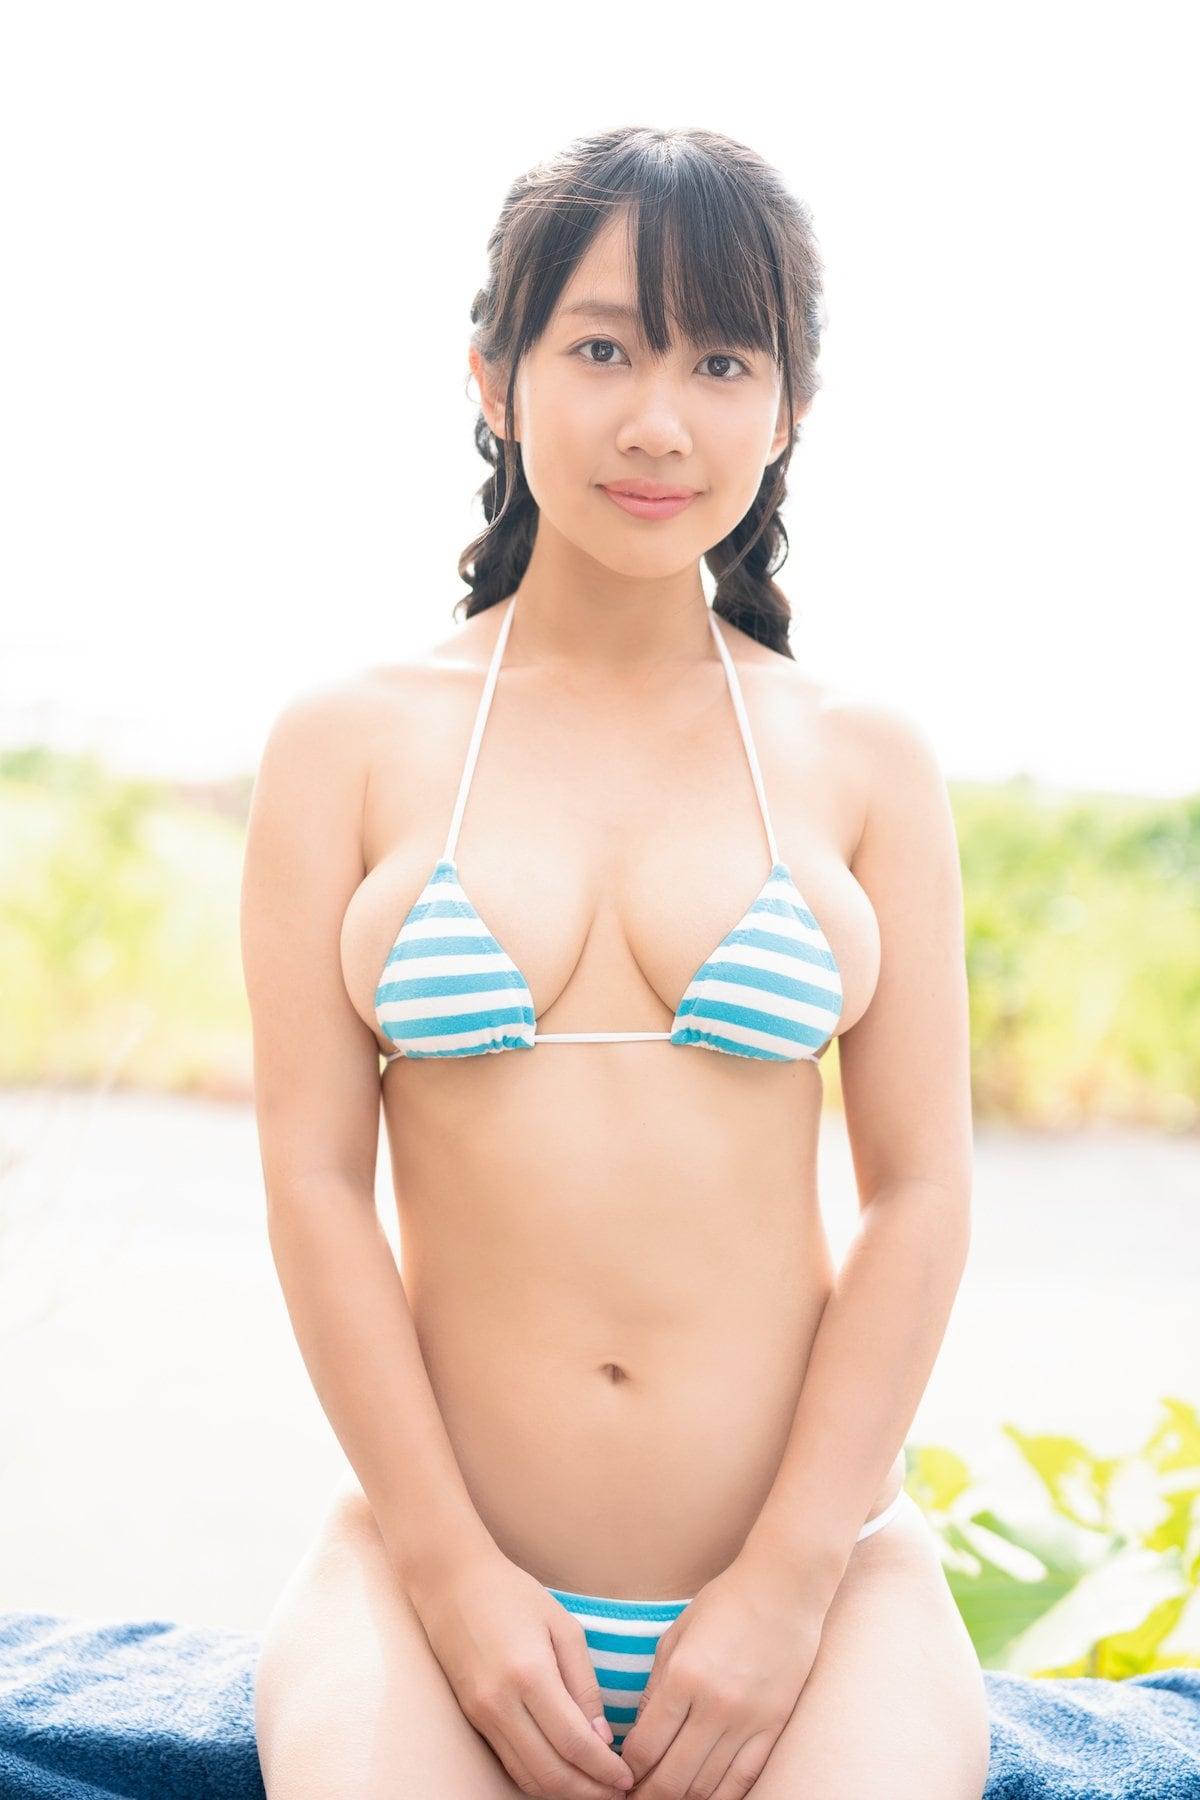 丹由美子「新進気鋭の女優が脱いじゃった!」むちむちボディに夢中!【画像12枚】の画像010